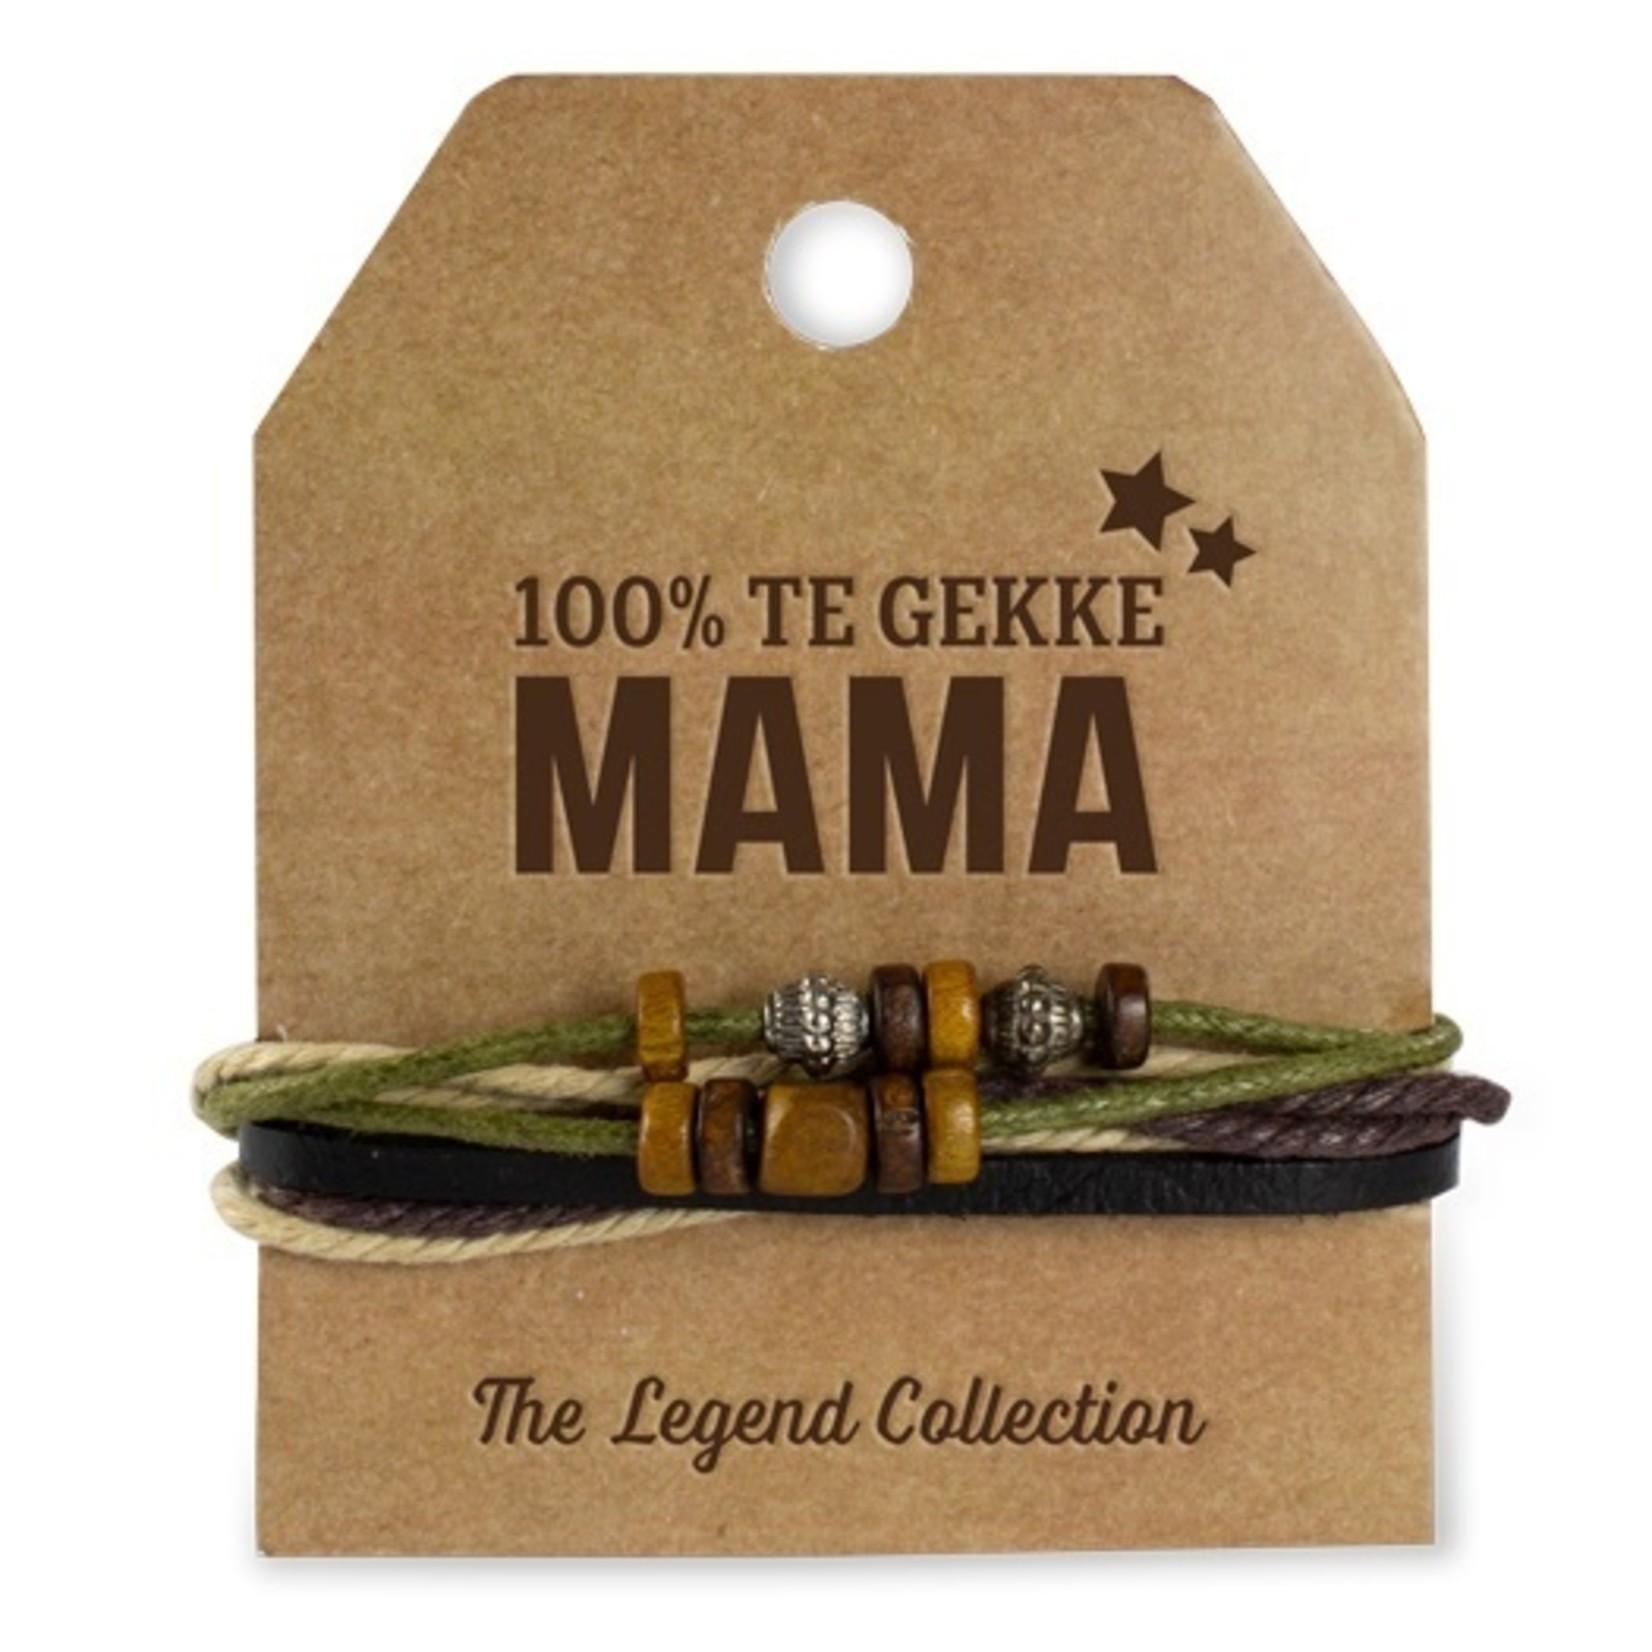 Miko Armband Legend 100% Te gekke mama